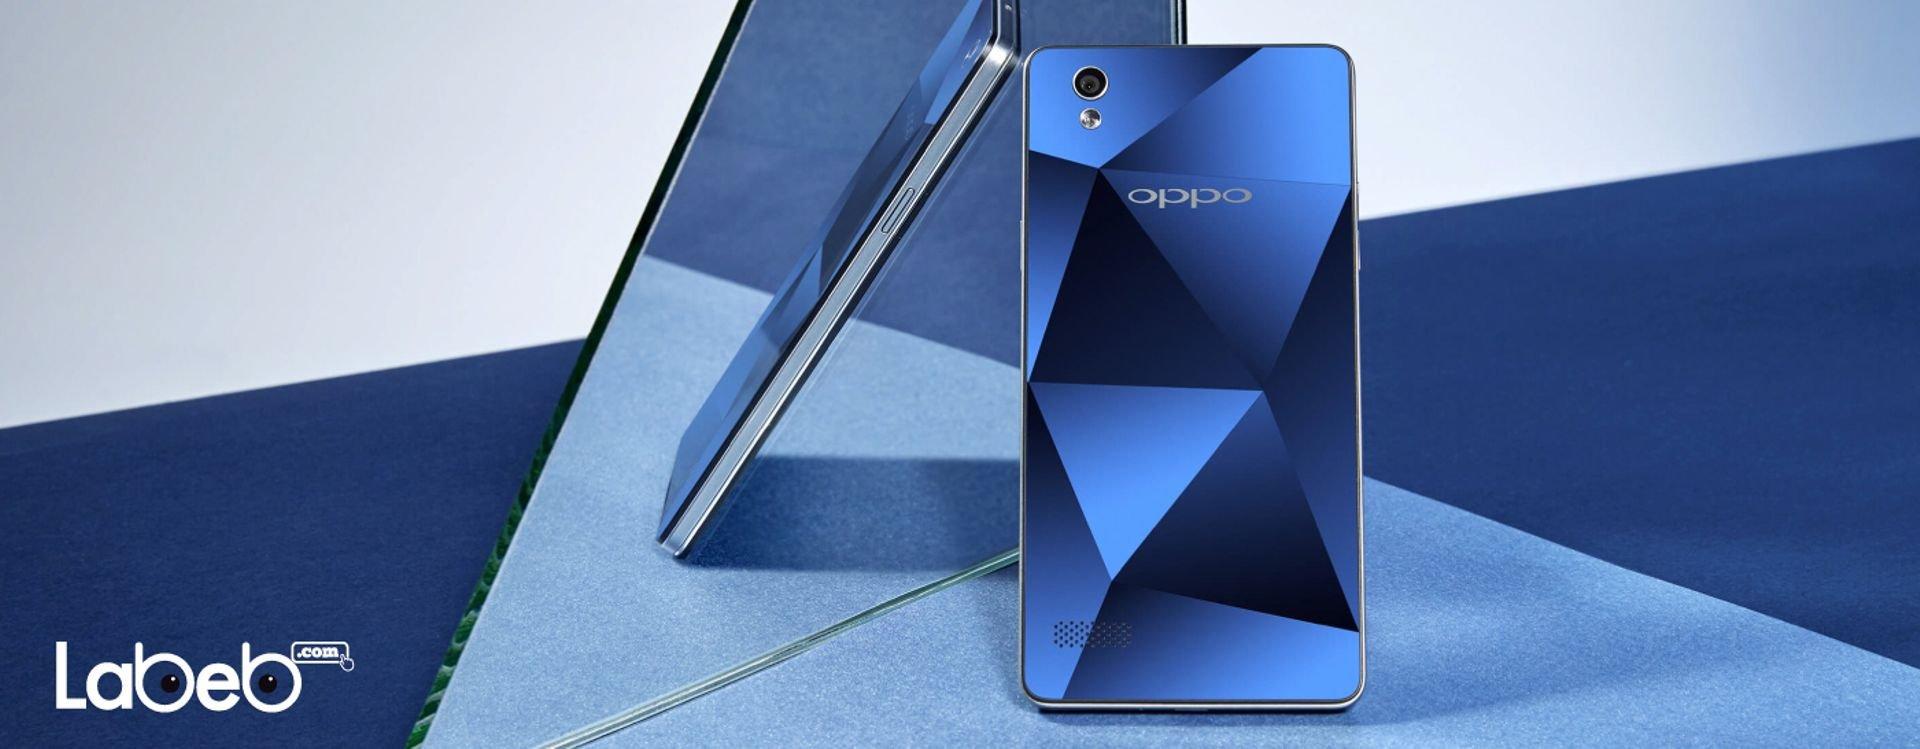 ما يميّز هواتف أوبو ميرور 5 هو تصميم الغطاء الخلفي، الذي يشعرك لوهلة أنك تنظر إلى جوهرة من الألماس